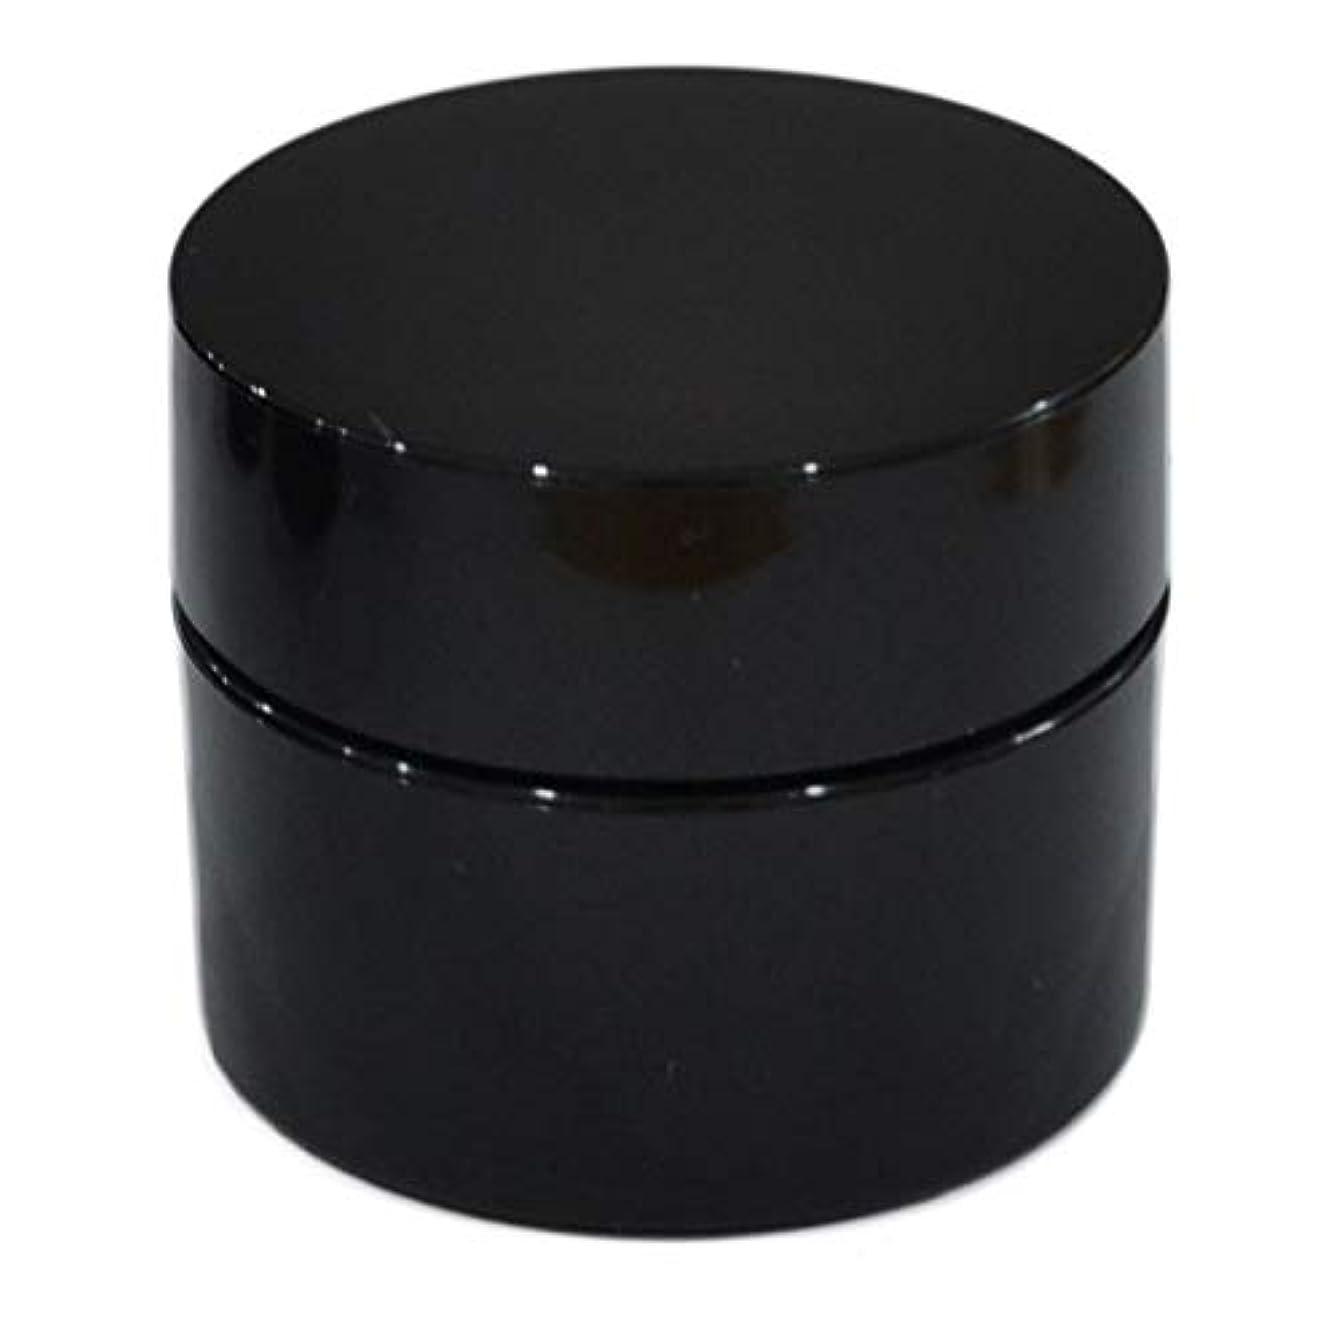 チョップワークショップ一杯純国産ネイルジェル用コンテナ 10g用GA10g 漏れ防止パッキン&ブラシプレート付容器 ジェルを無駄なく使える底面傾斜あり 遮光 黒 ブラック